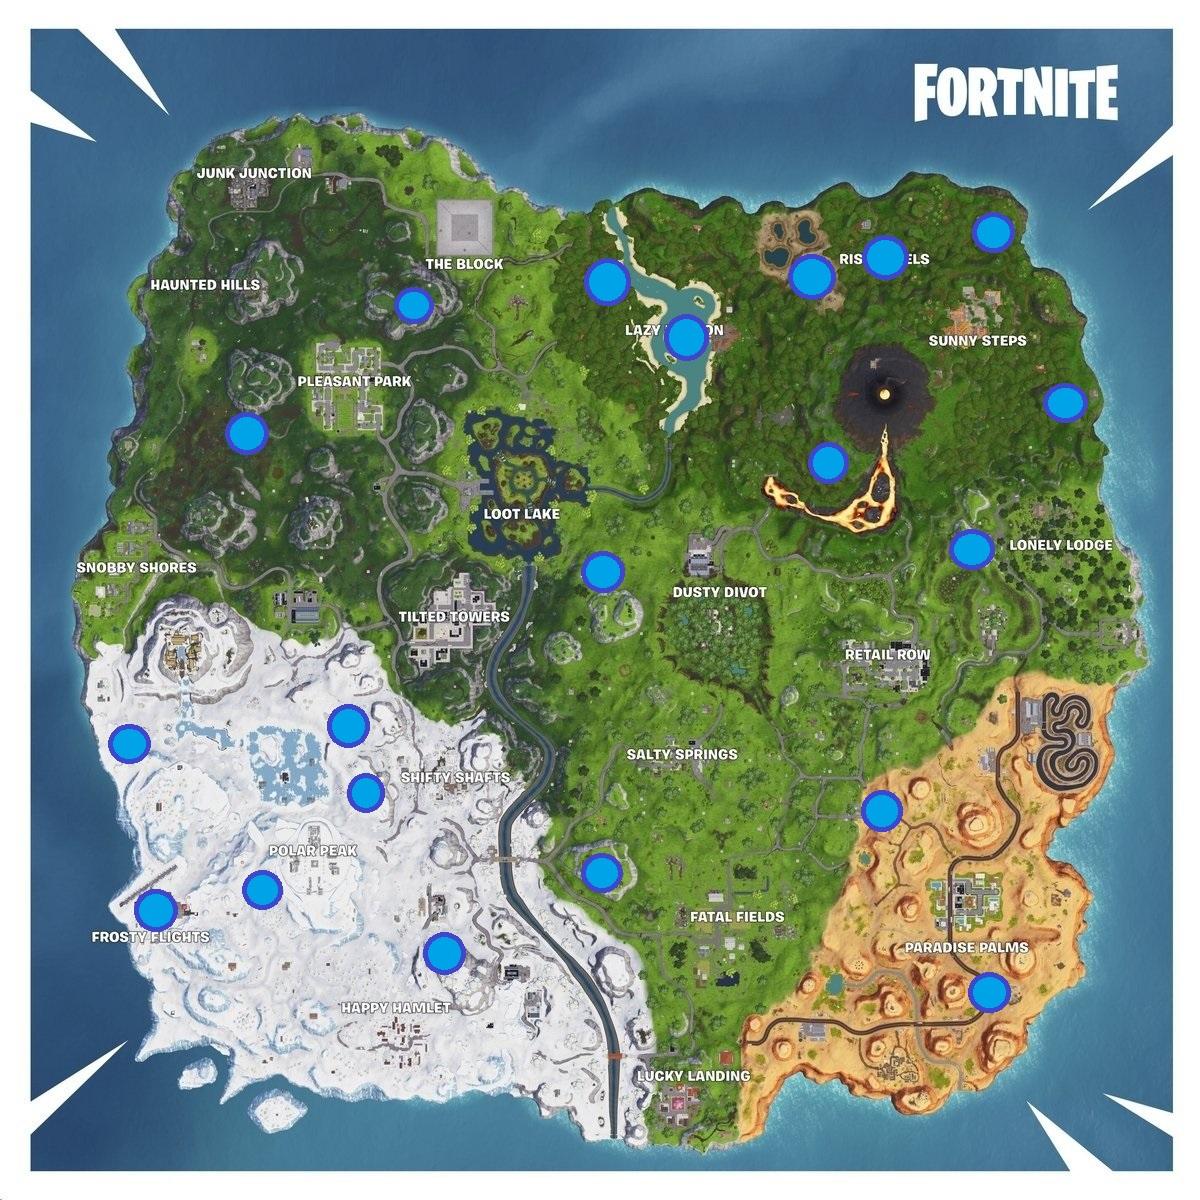 fortnite season 8 baller locations